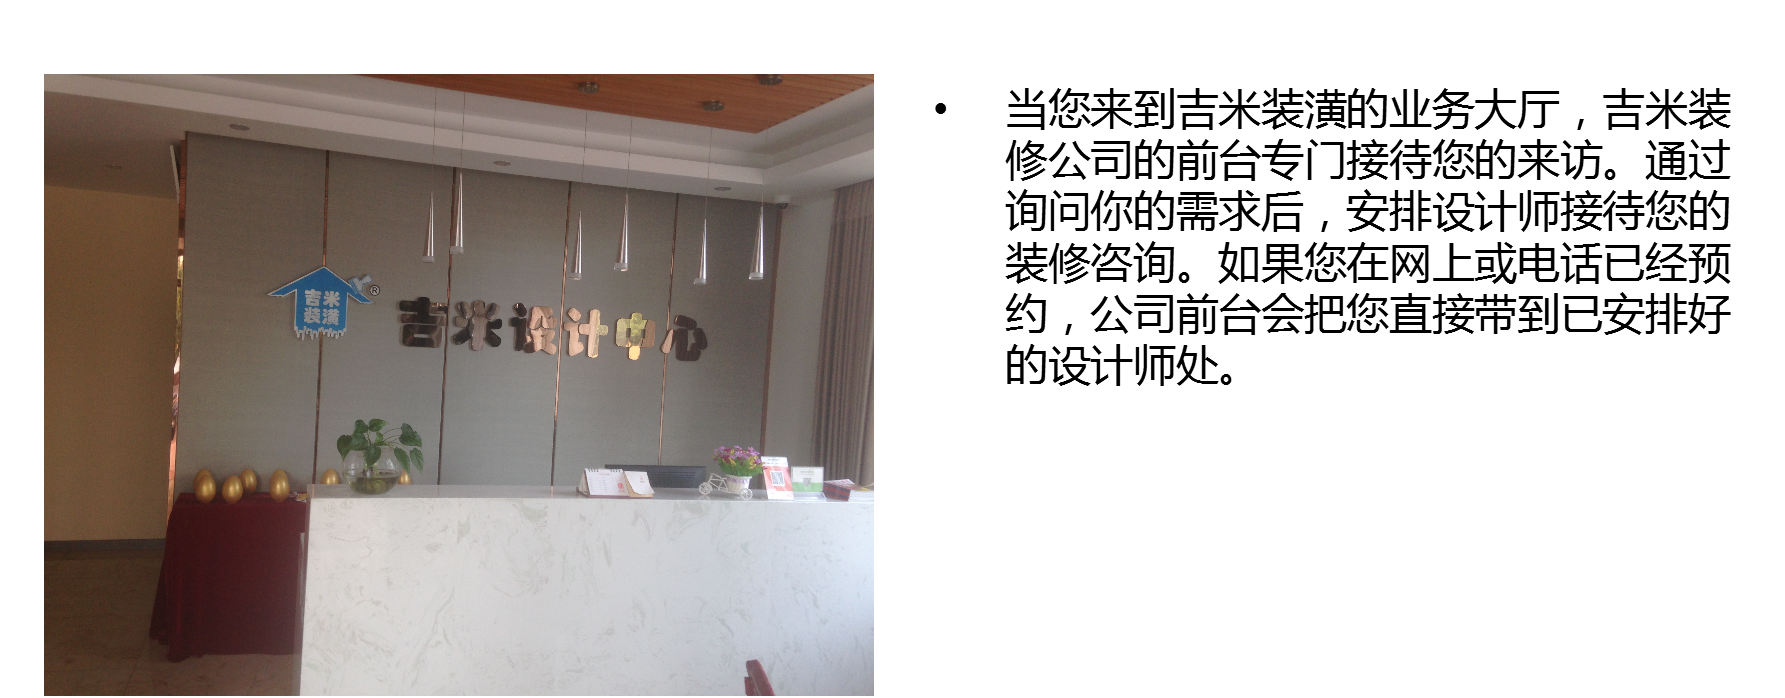 業務流程|公司簡介-上海吉米裝潢有限公司